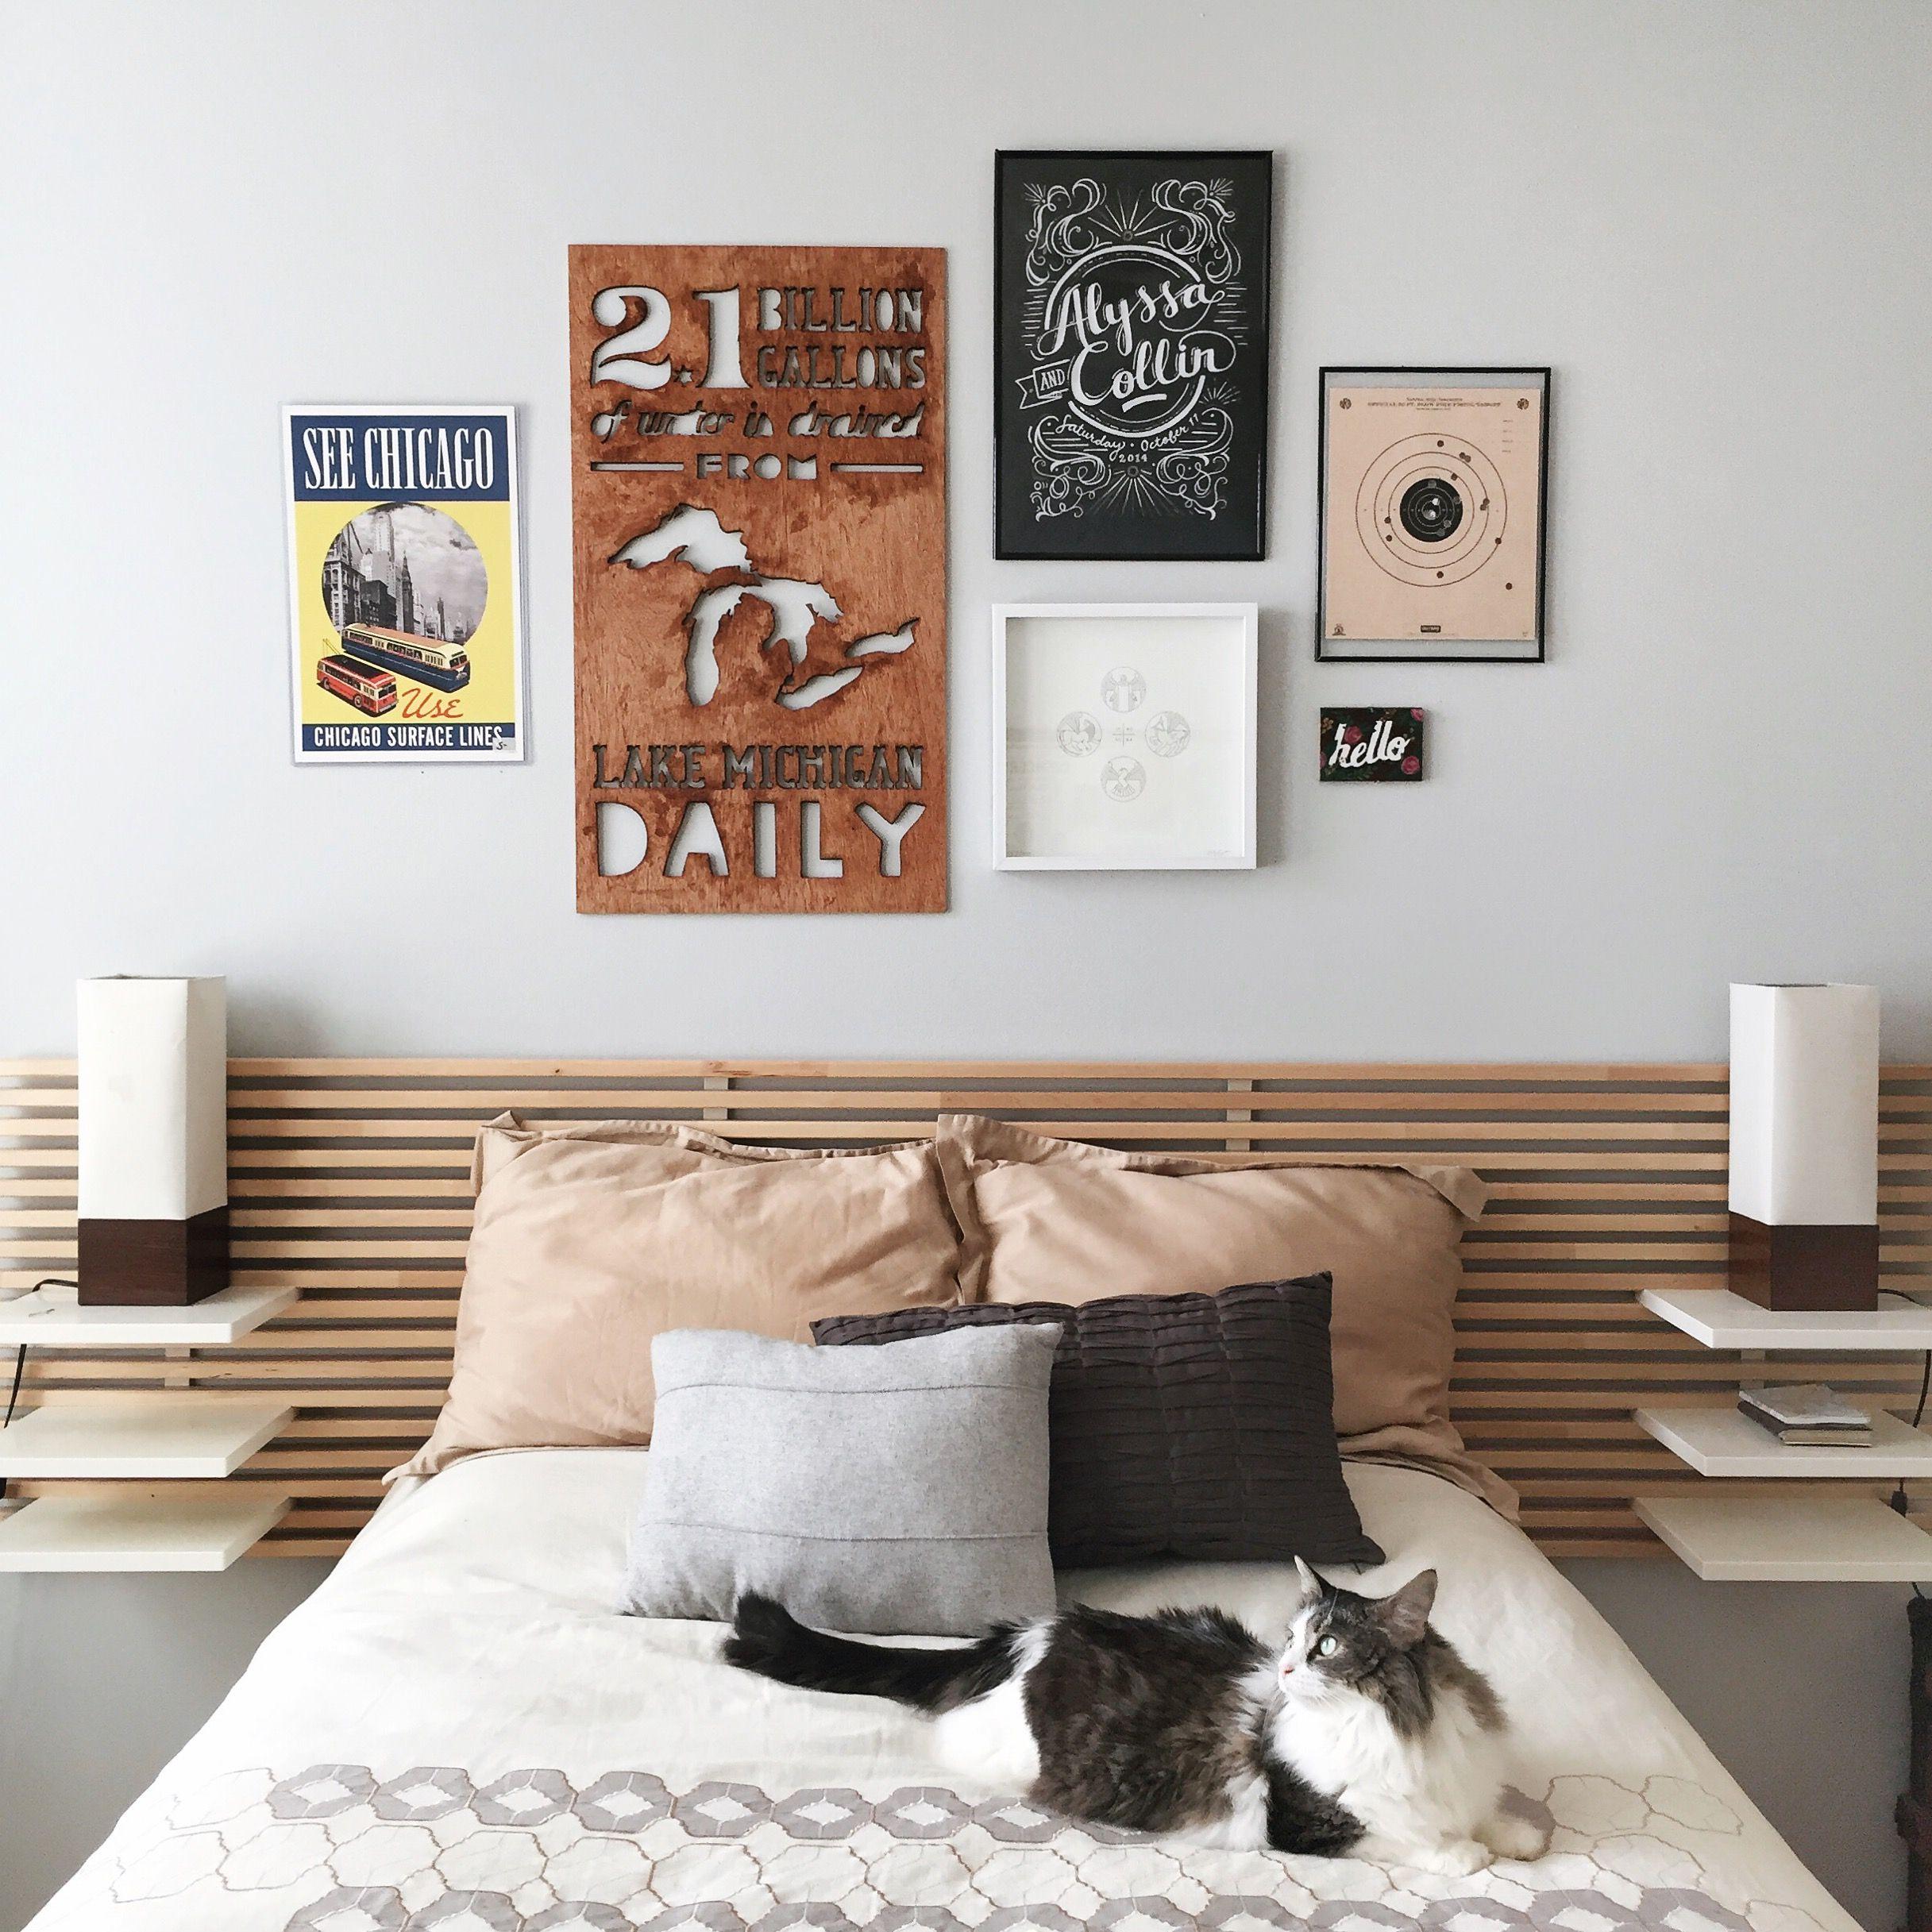 ikea mandal bed frame modeled by shiloh bed pinterest schlafzimmer bilder aufh ngen und. Black Bedroom Furniture Sets. Home Design Ideas